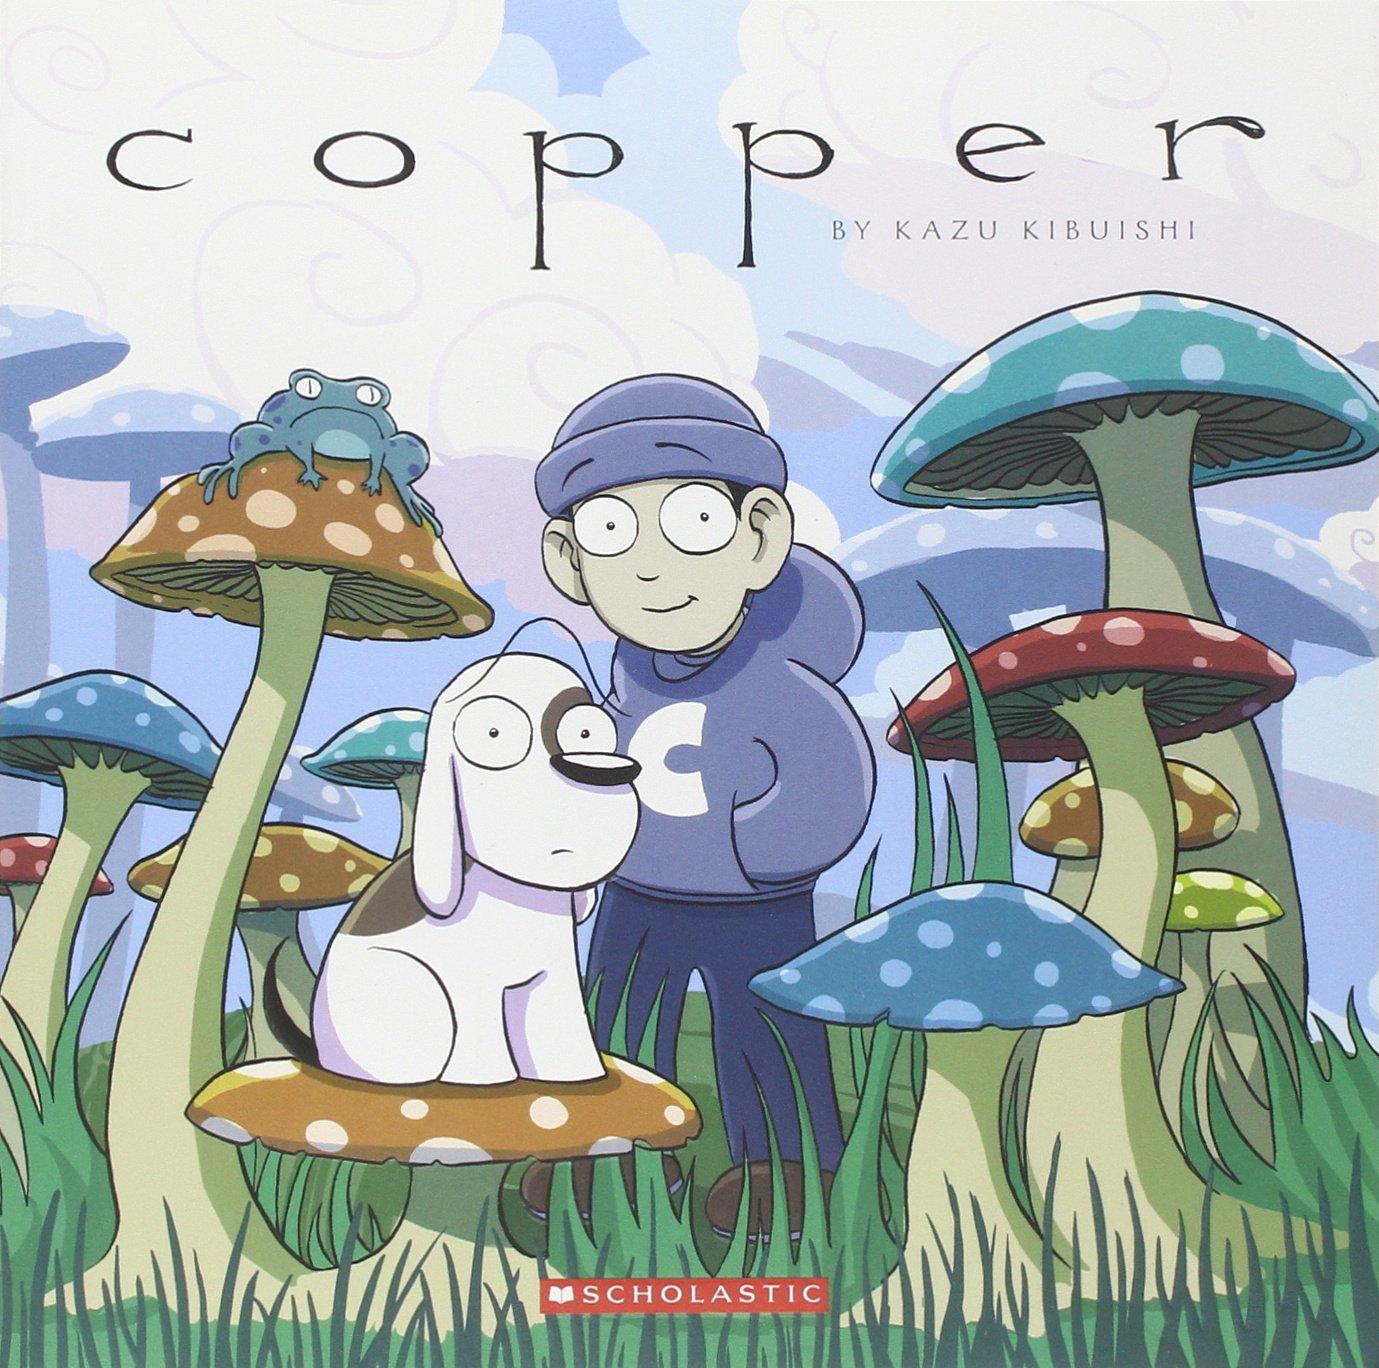 Copper Kazu Kibuishi